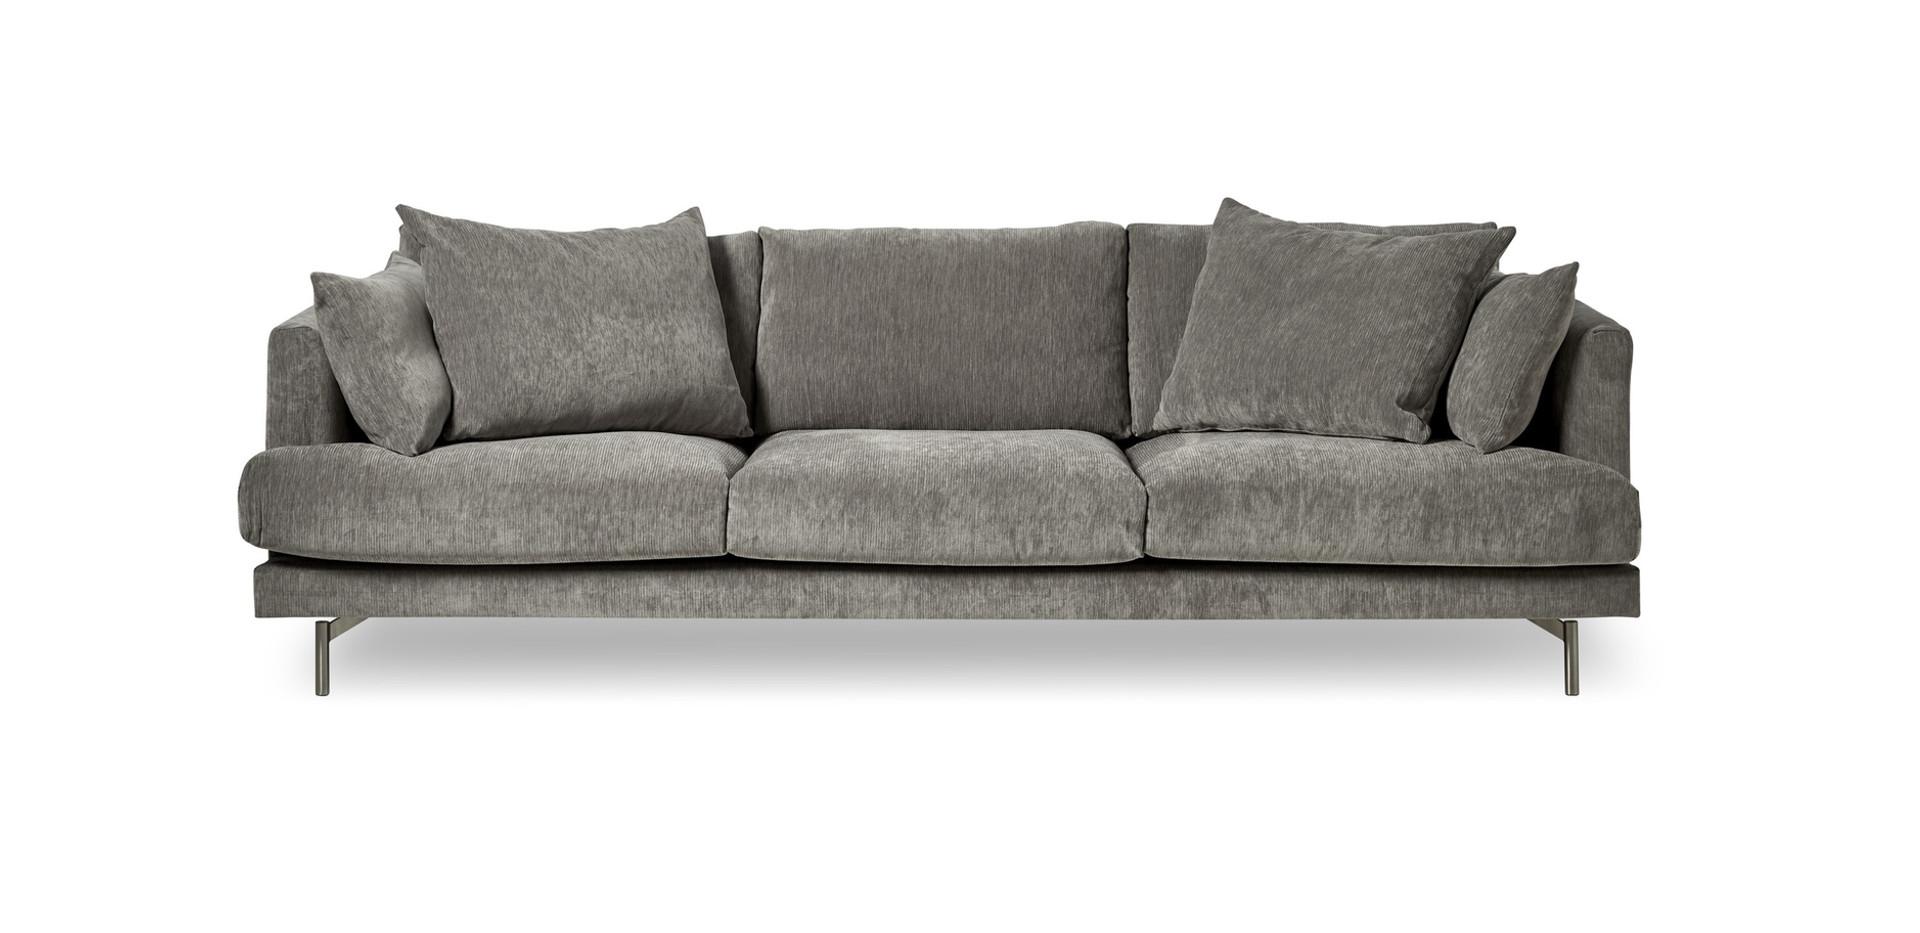 Harper 3xlso teide grey